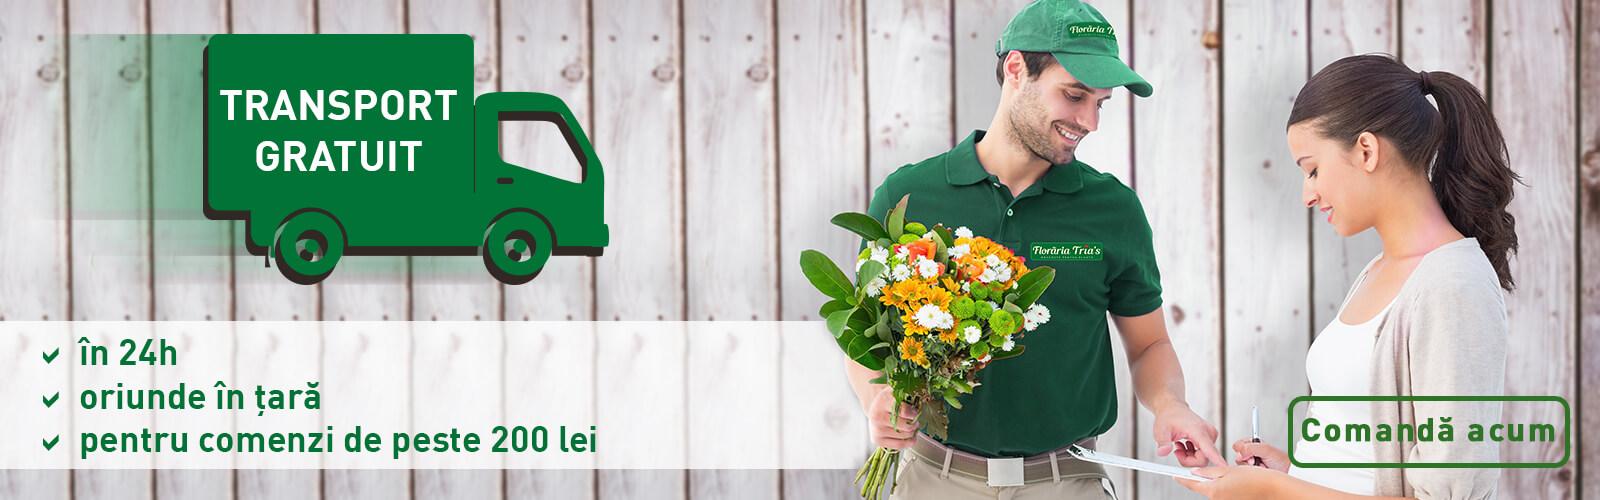 transport gratuit flori